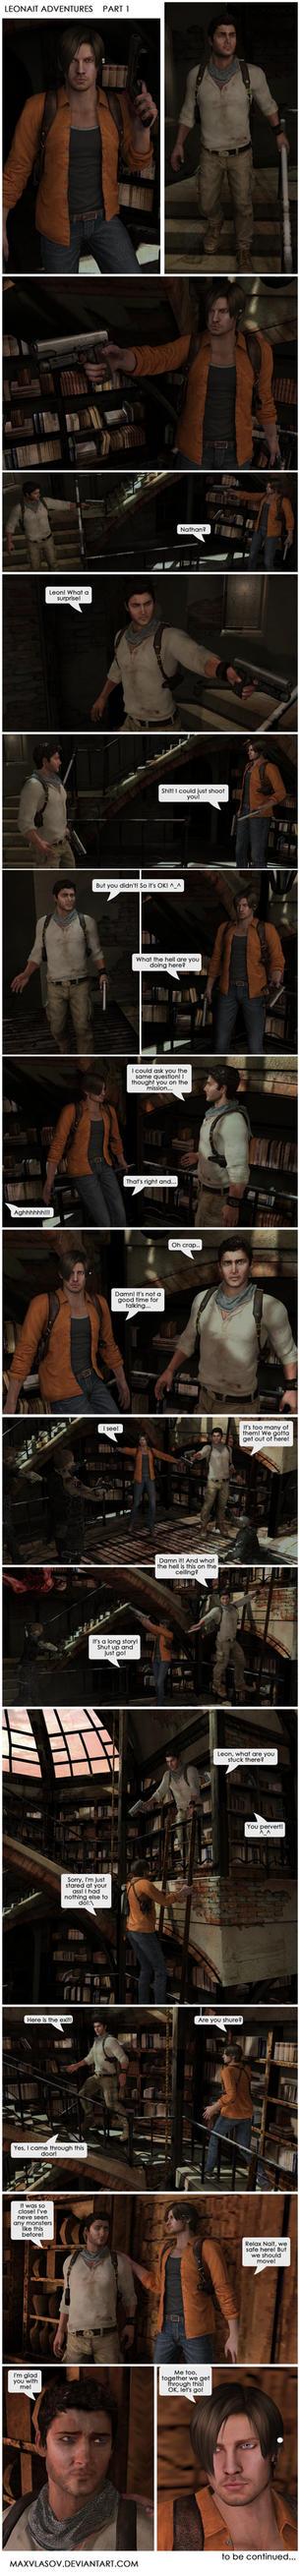 LeoNait Adventures part 1 by MaxVlasov